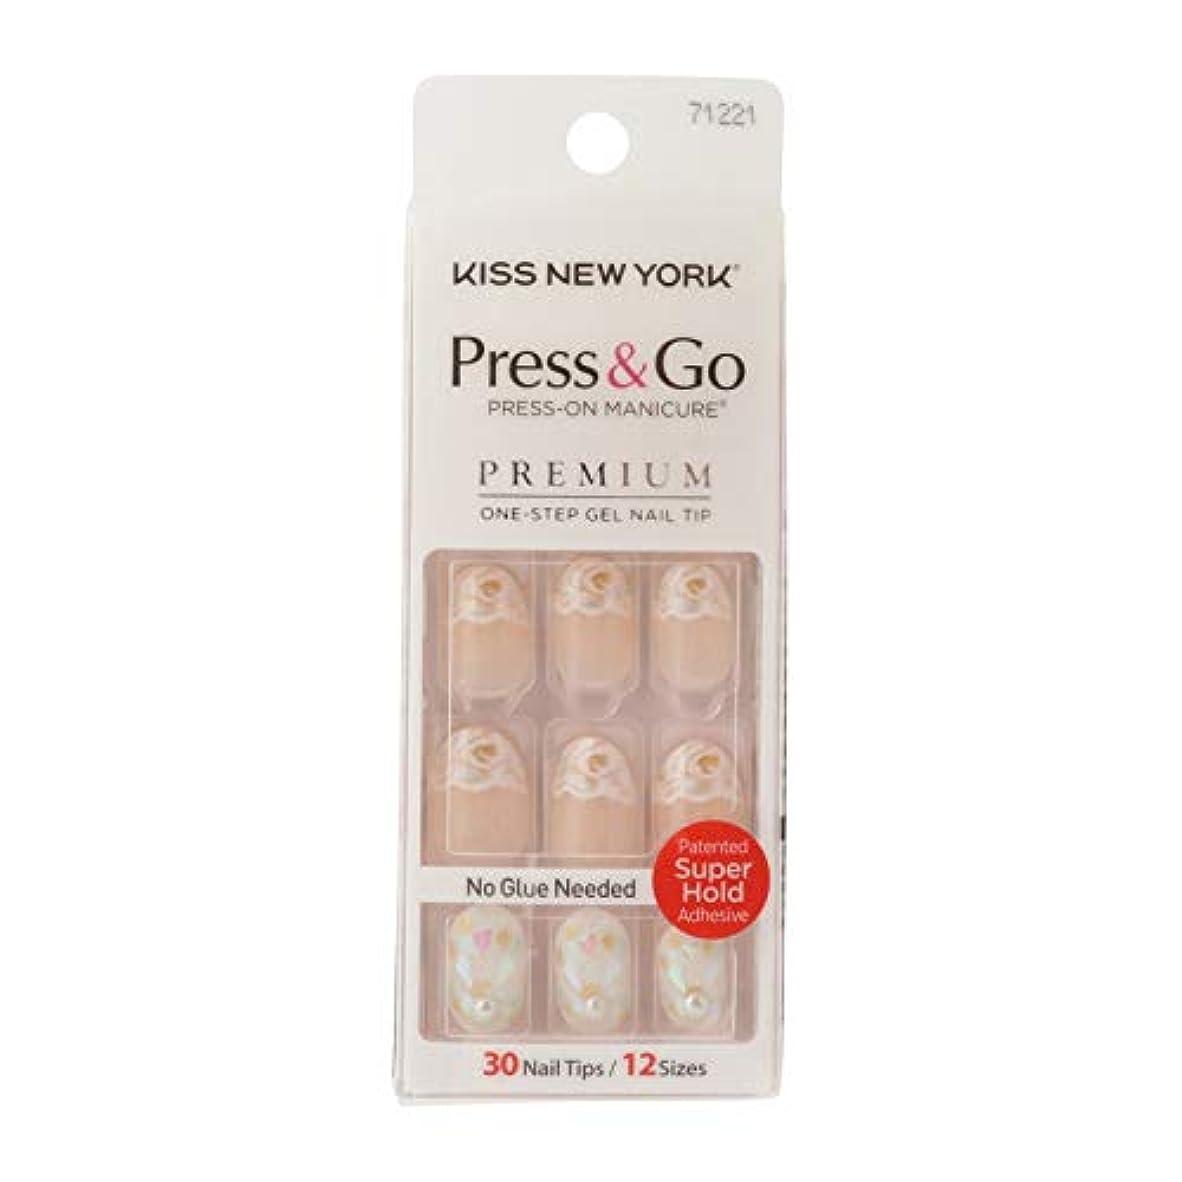 診断する自発的溶融キスニューヨーク (KISS NEW YORK) KISS NEWYORK ネイルチップPress&Go BHJ31J 19g